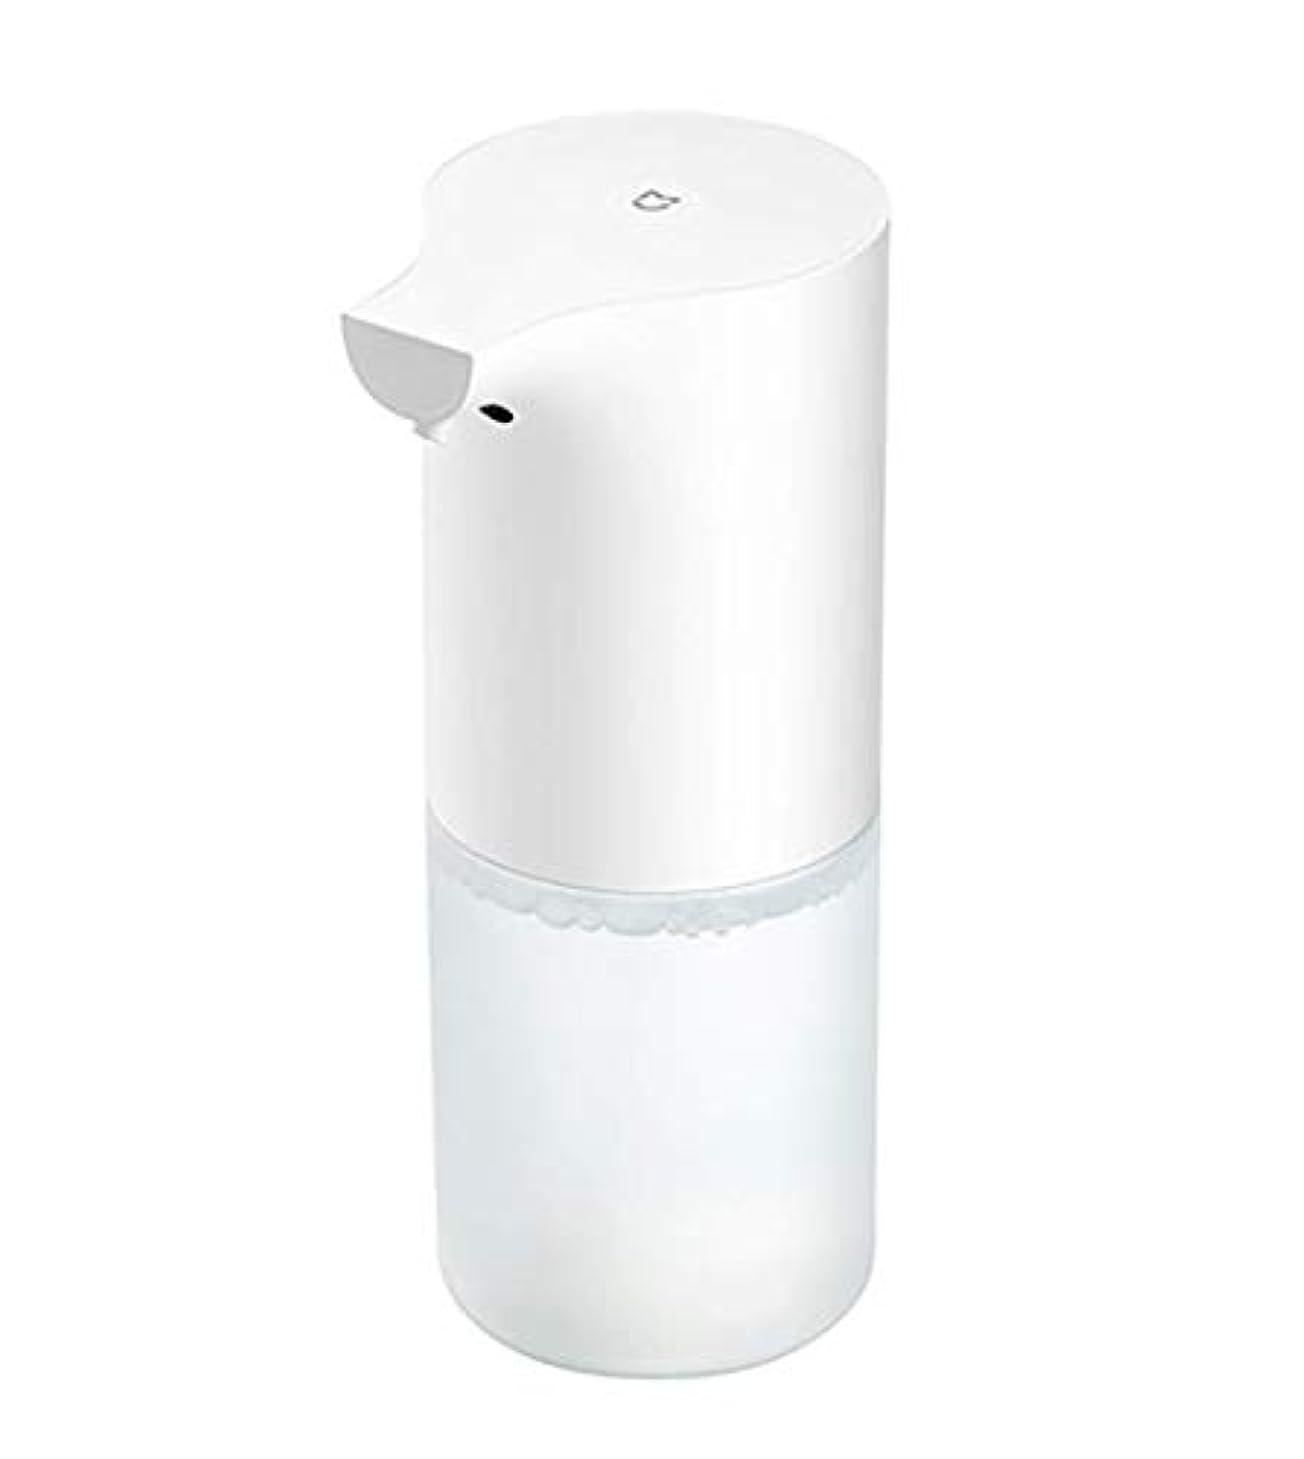 十分にに対処する一時的自動誘導発泡ハンドウォッシャーフォームソープディスペンサー赤外線センサーソープディスペンサー用浴室キッチン